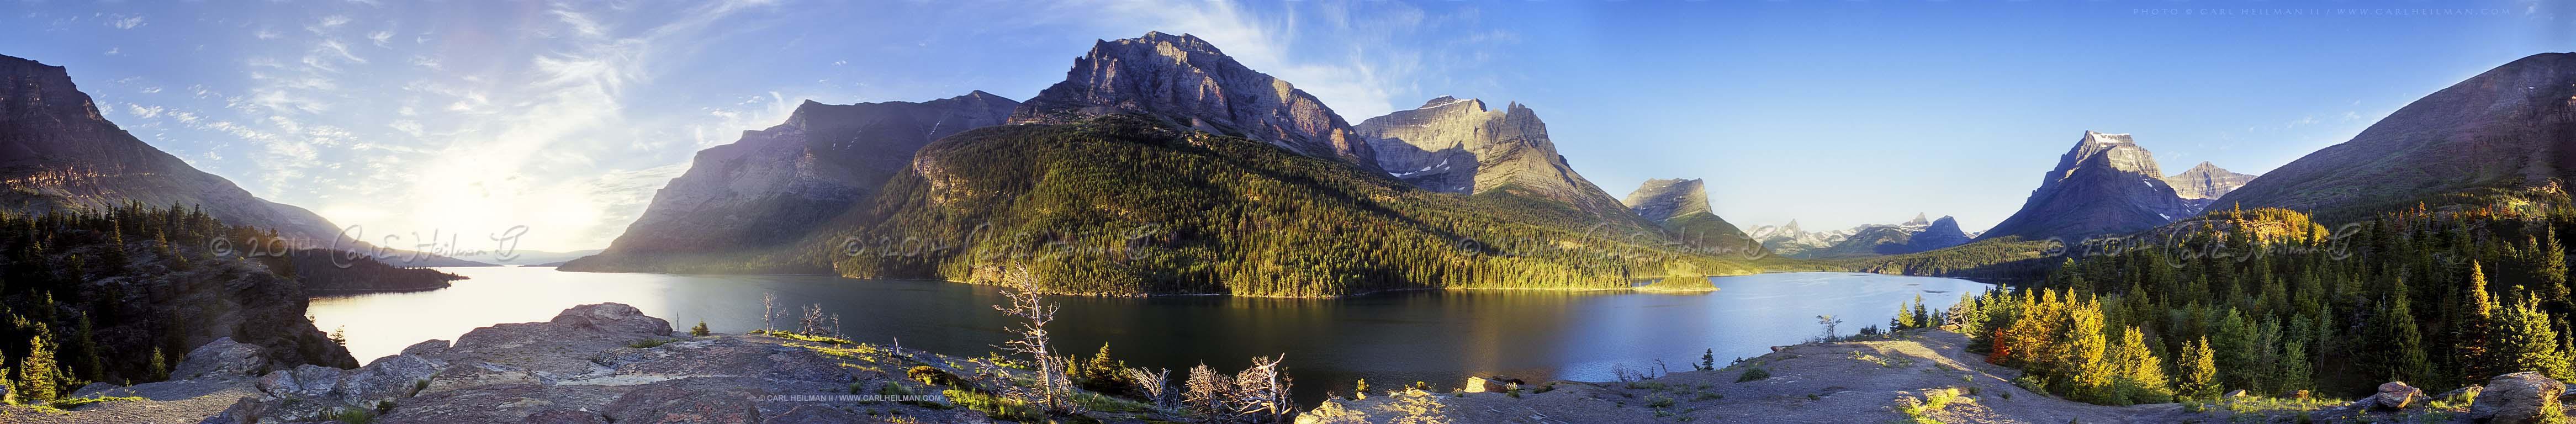 Park Montana National Parks nature photography panoramic screensaver 4665x768